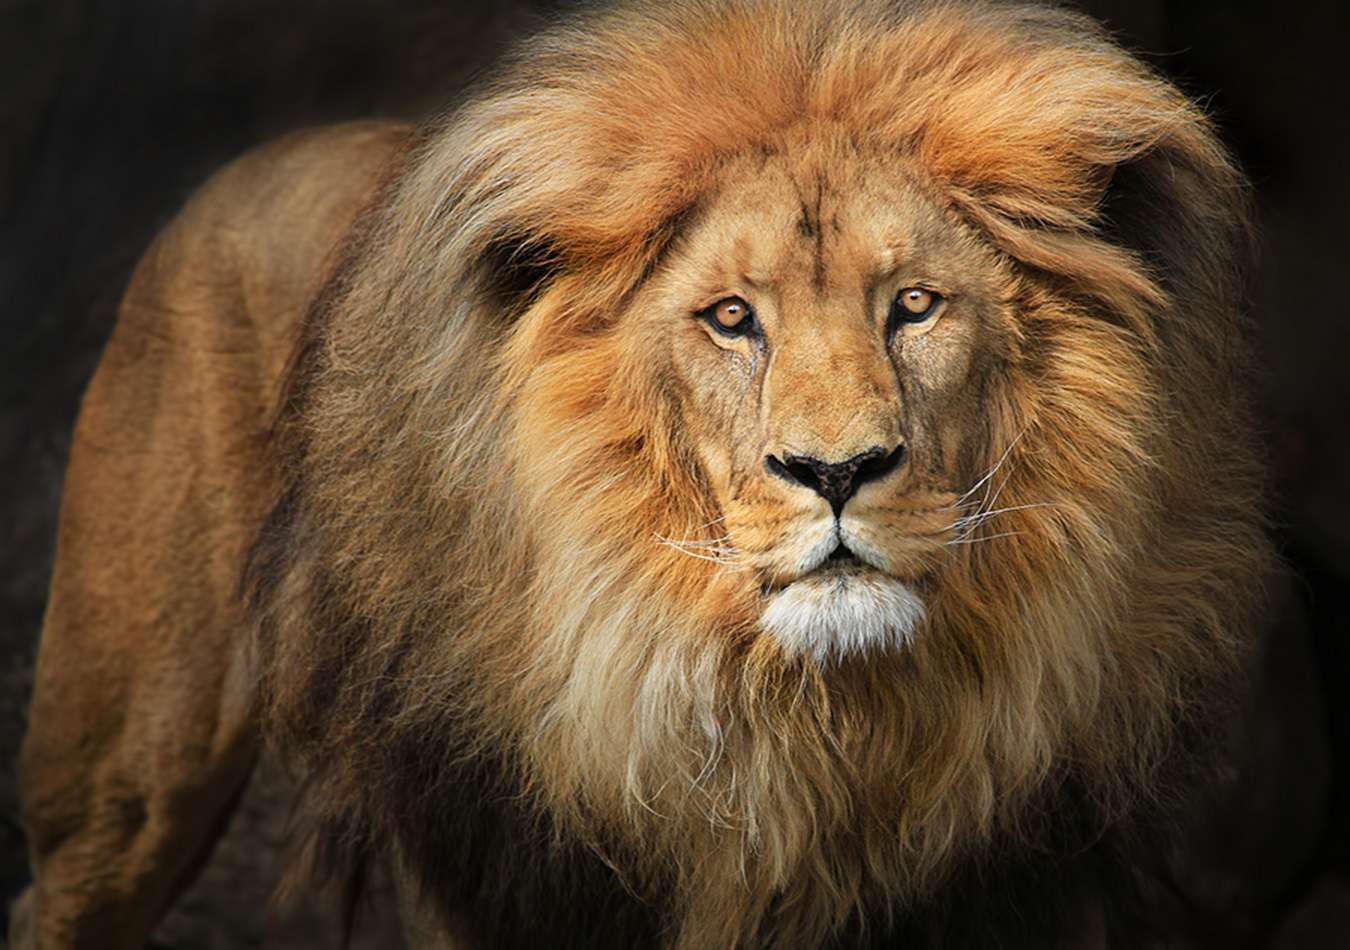 lion face wallpaper - photo #28